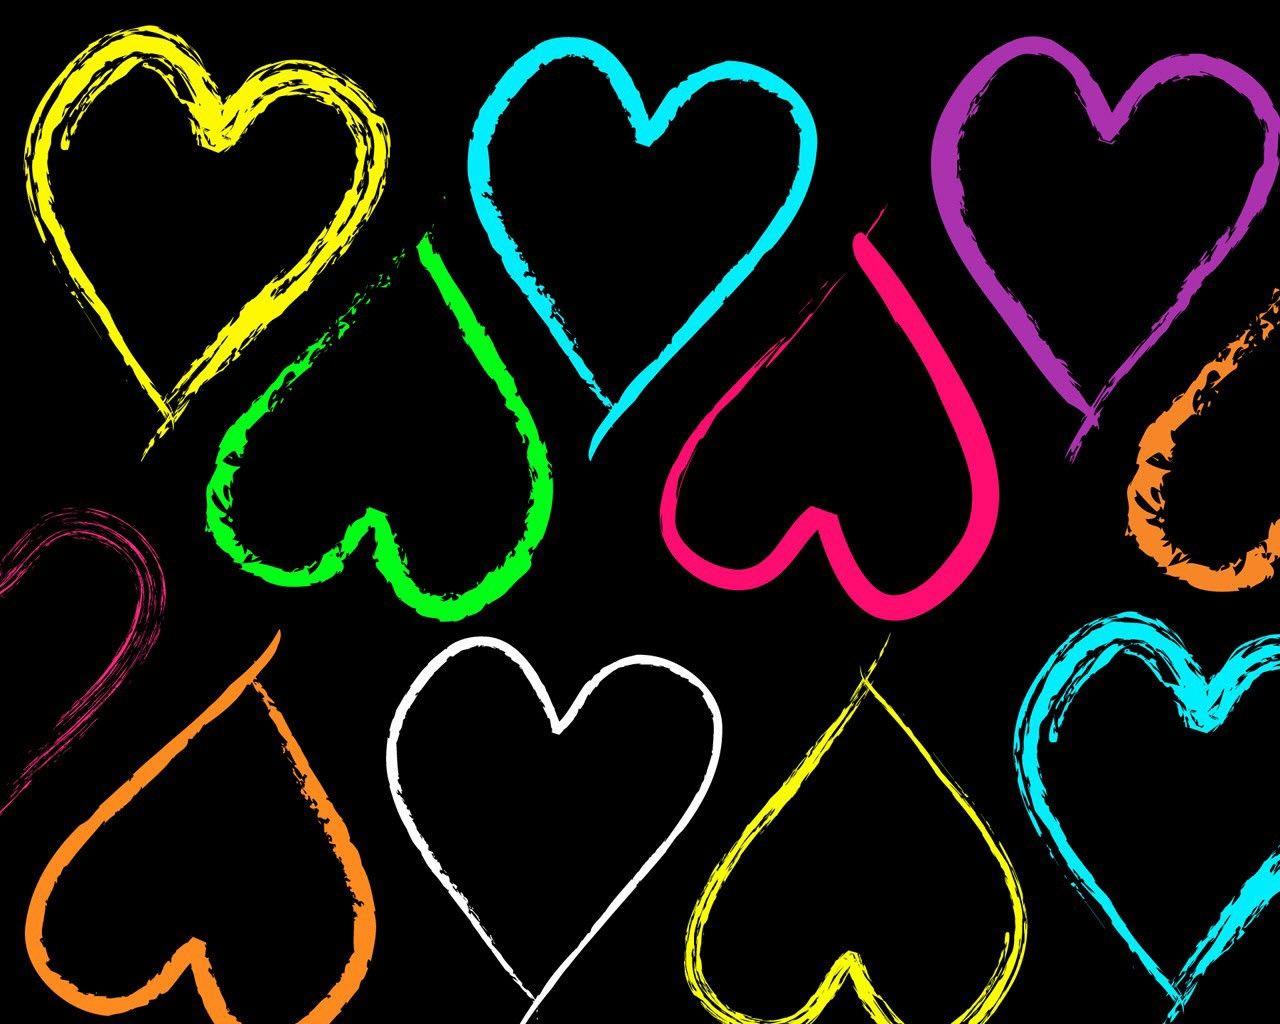 Corazones De Formas Y Colores Diferentes 680776 Jpg 1280 1024